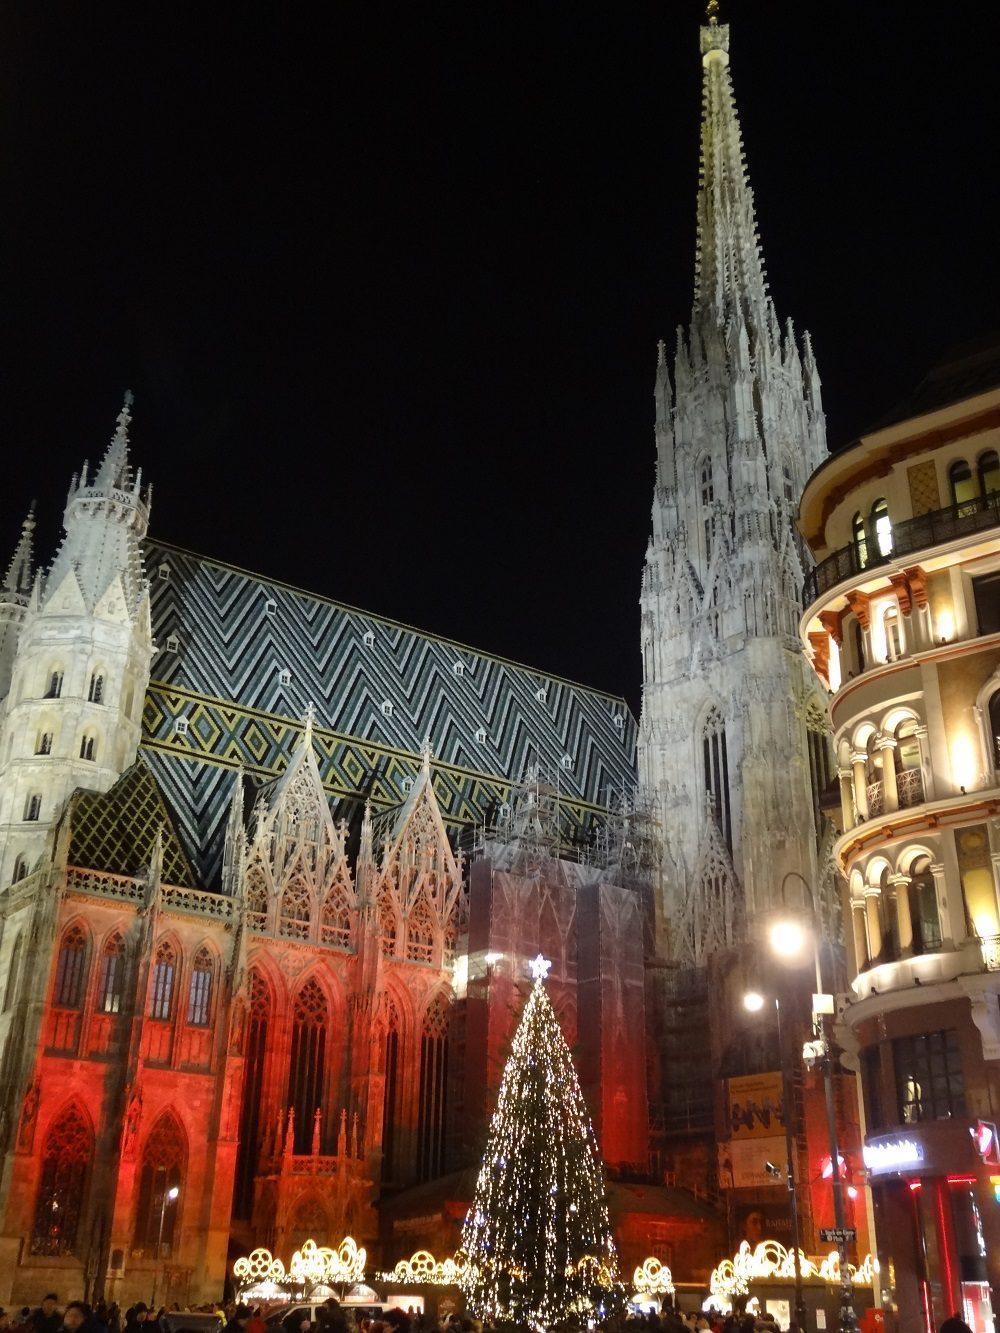 Weihnachtsbeleuchtung-Wiener Stephansdom